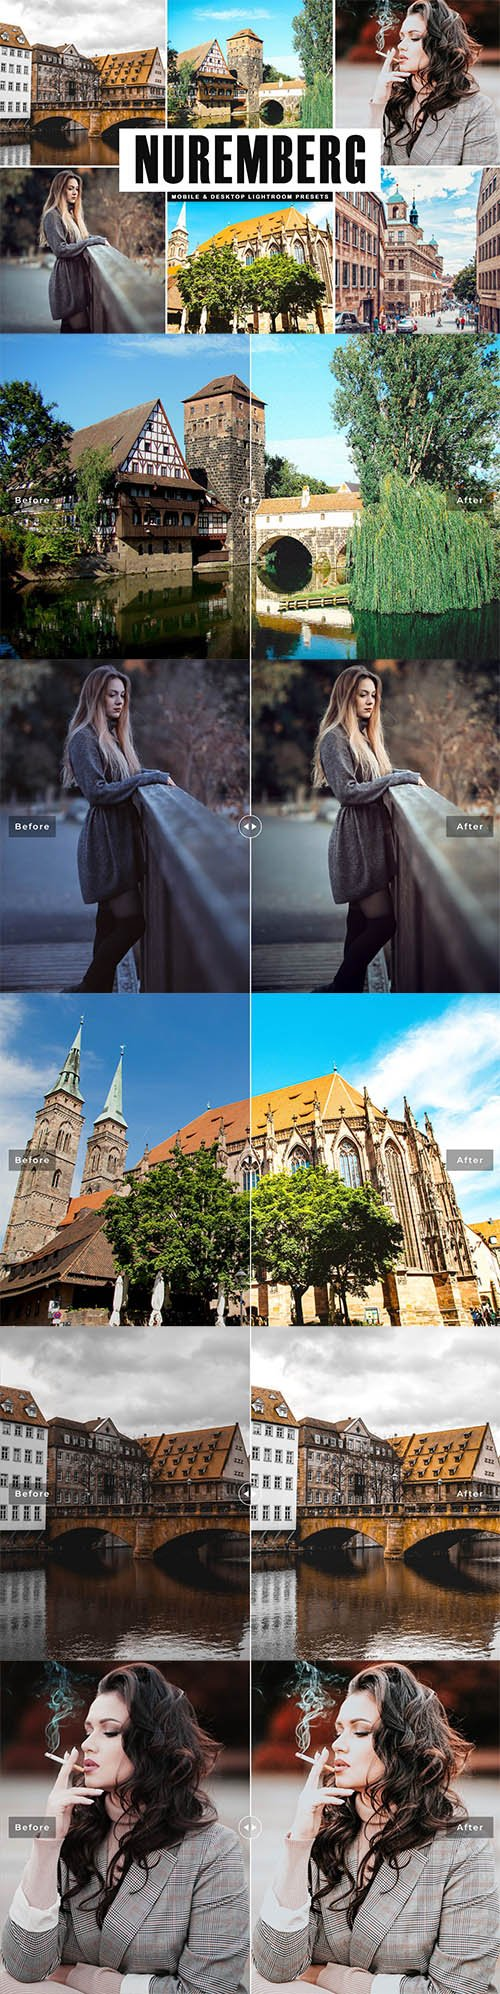 Nuremberg Mobile & Desktop Lightroom Presets